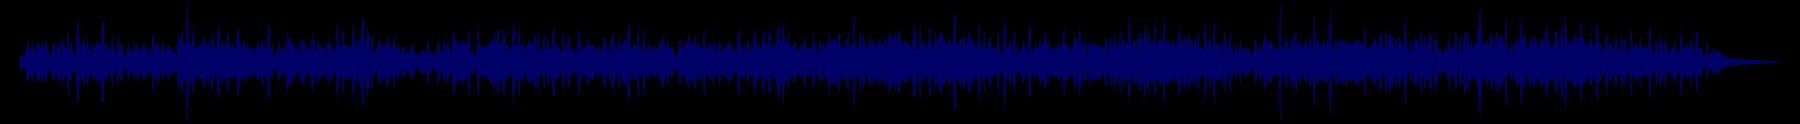 waveform of track #70059